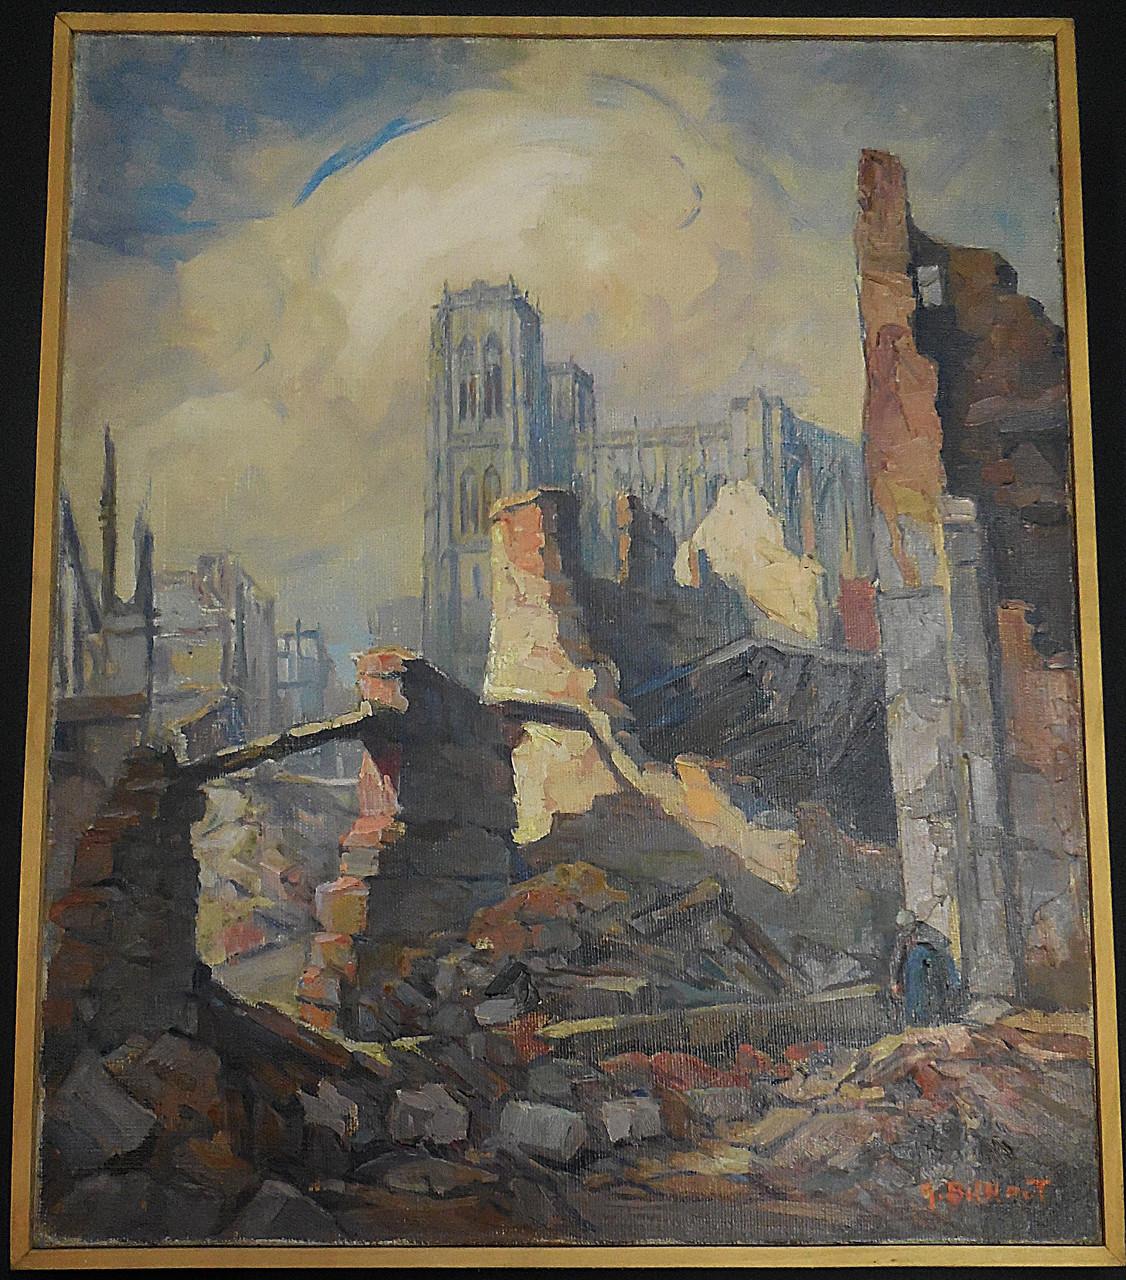 Bilhaut Georges (1882-1963) Saint-Vulfran vue des ruines de la rue de l'Hôtel-Dieu, 1940, huile sur toile / Musée Boucher-de-Perthes, Abbeville / photo JH